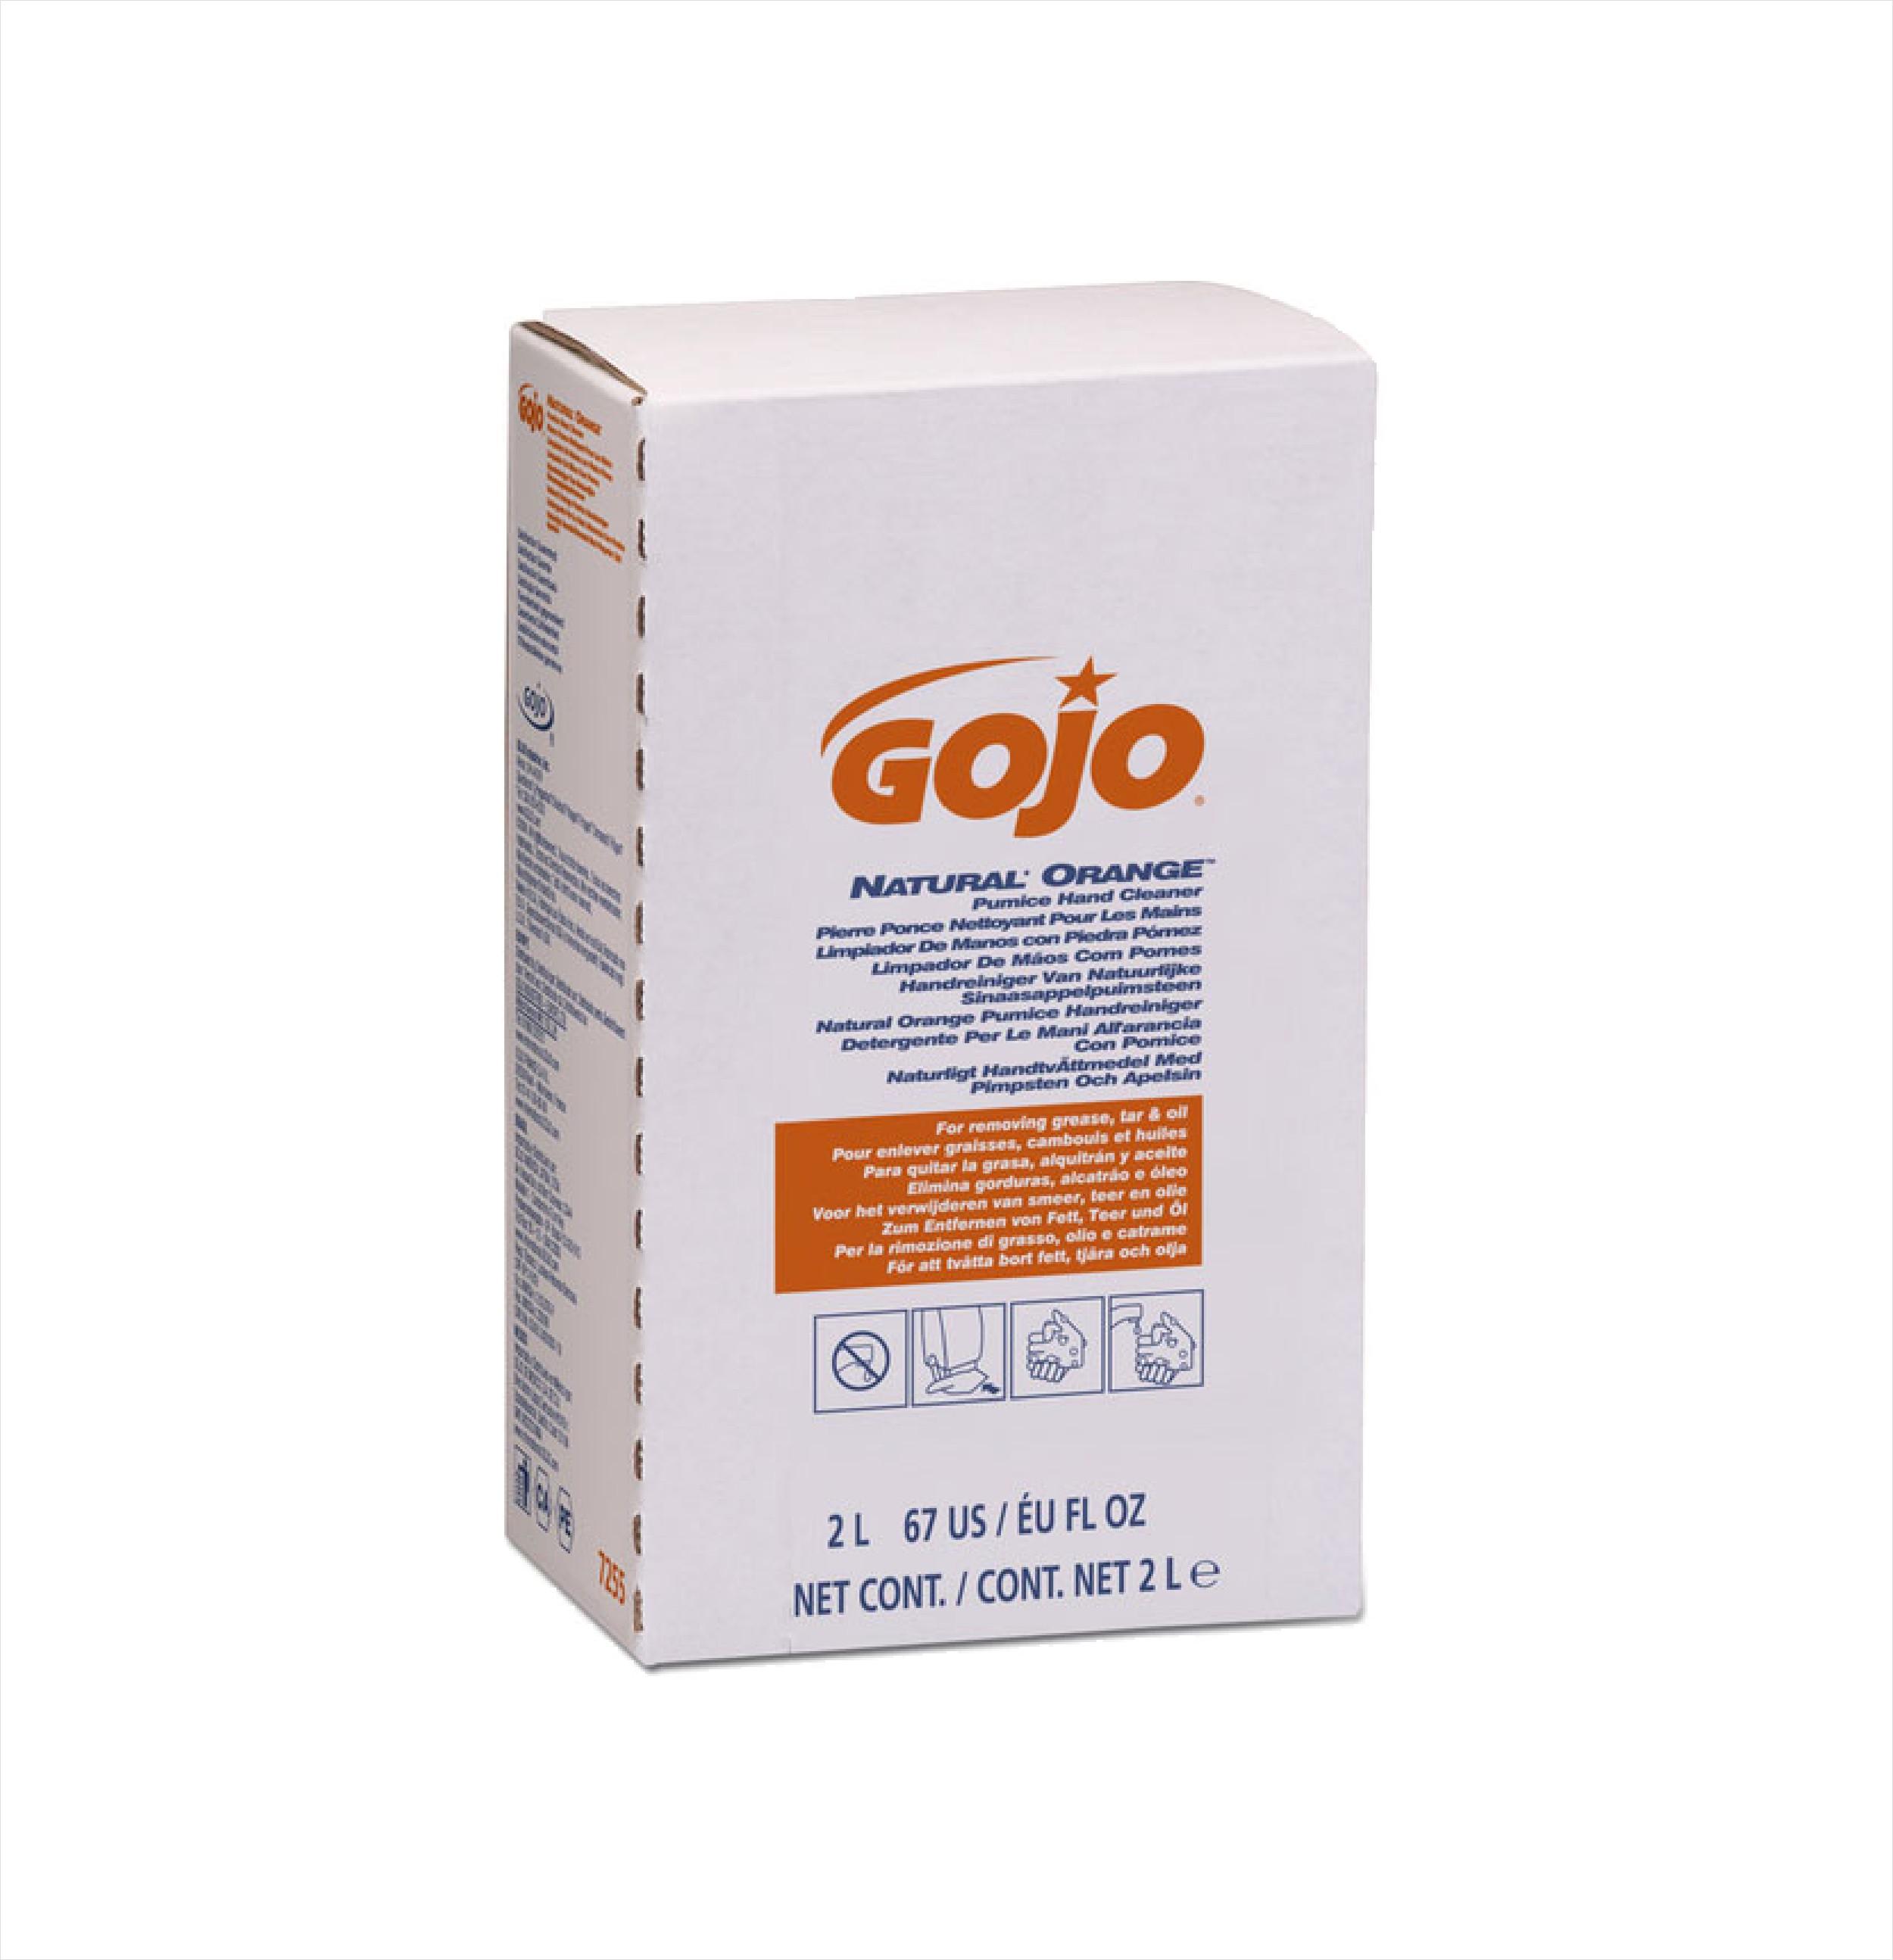 GOJO Orange Pumice 4 x 2ltr GJ7255-04